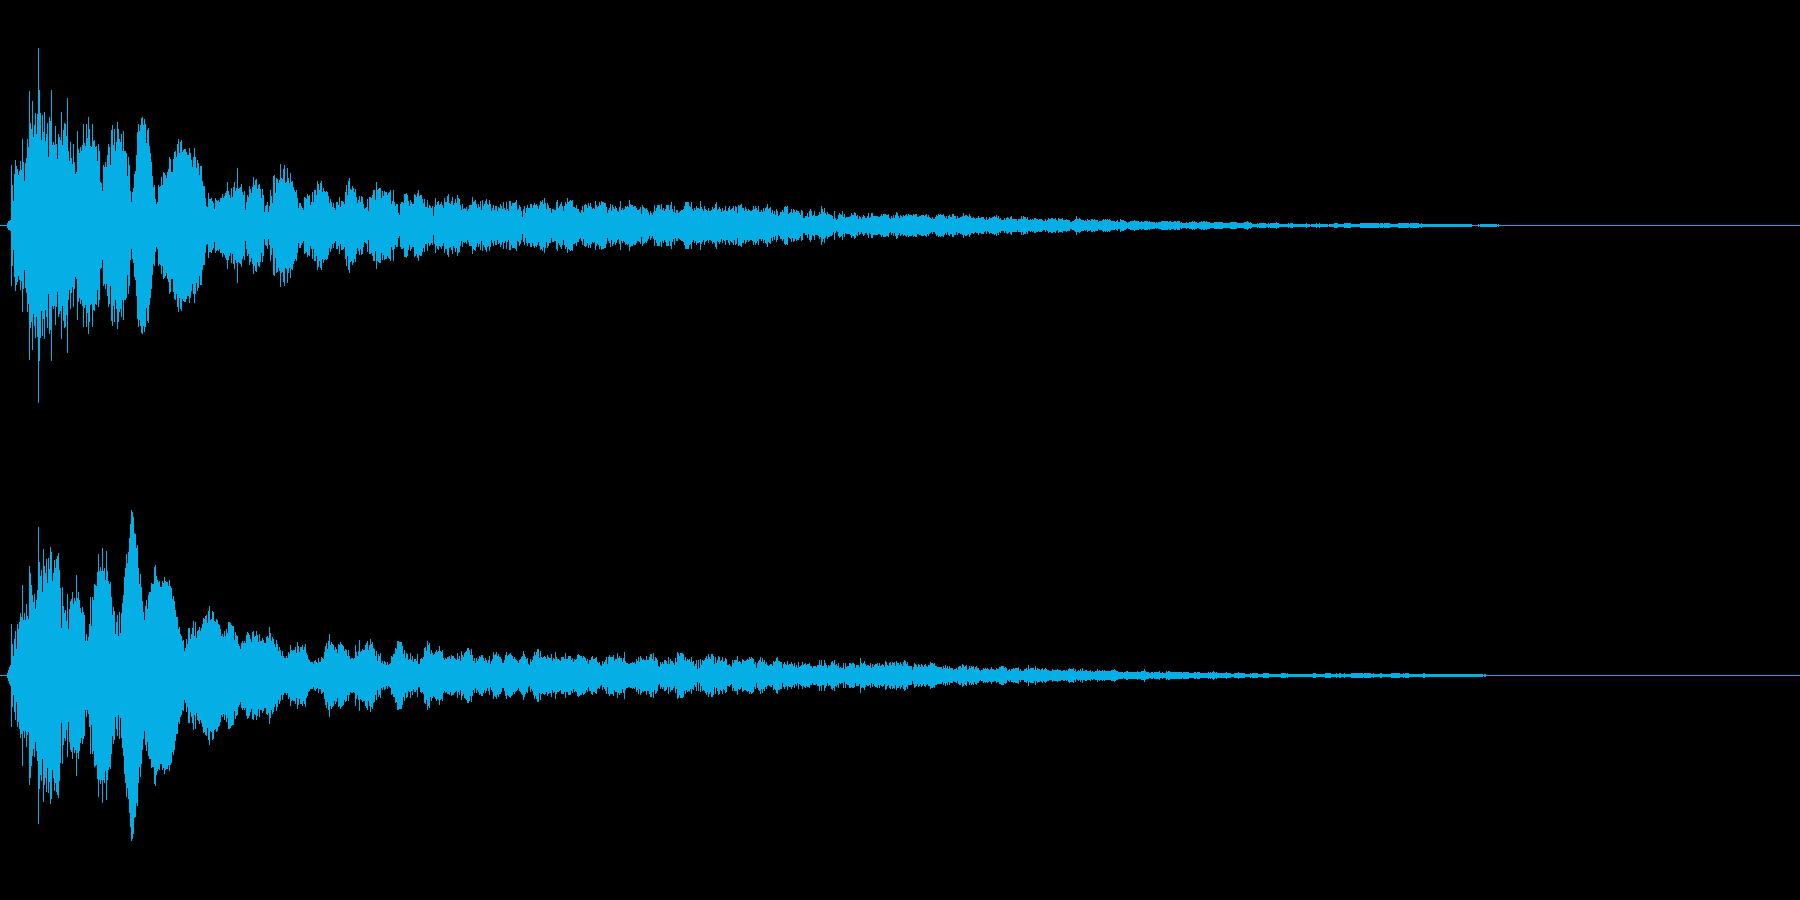 サスペンスに最適!ピアノの弦を弄ぶ音46の再生済みの波形